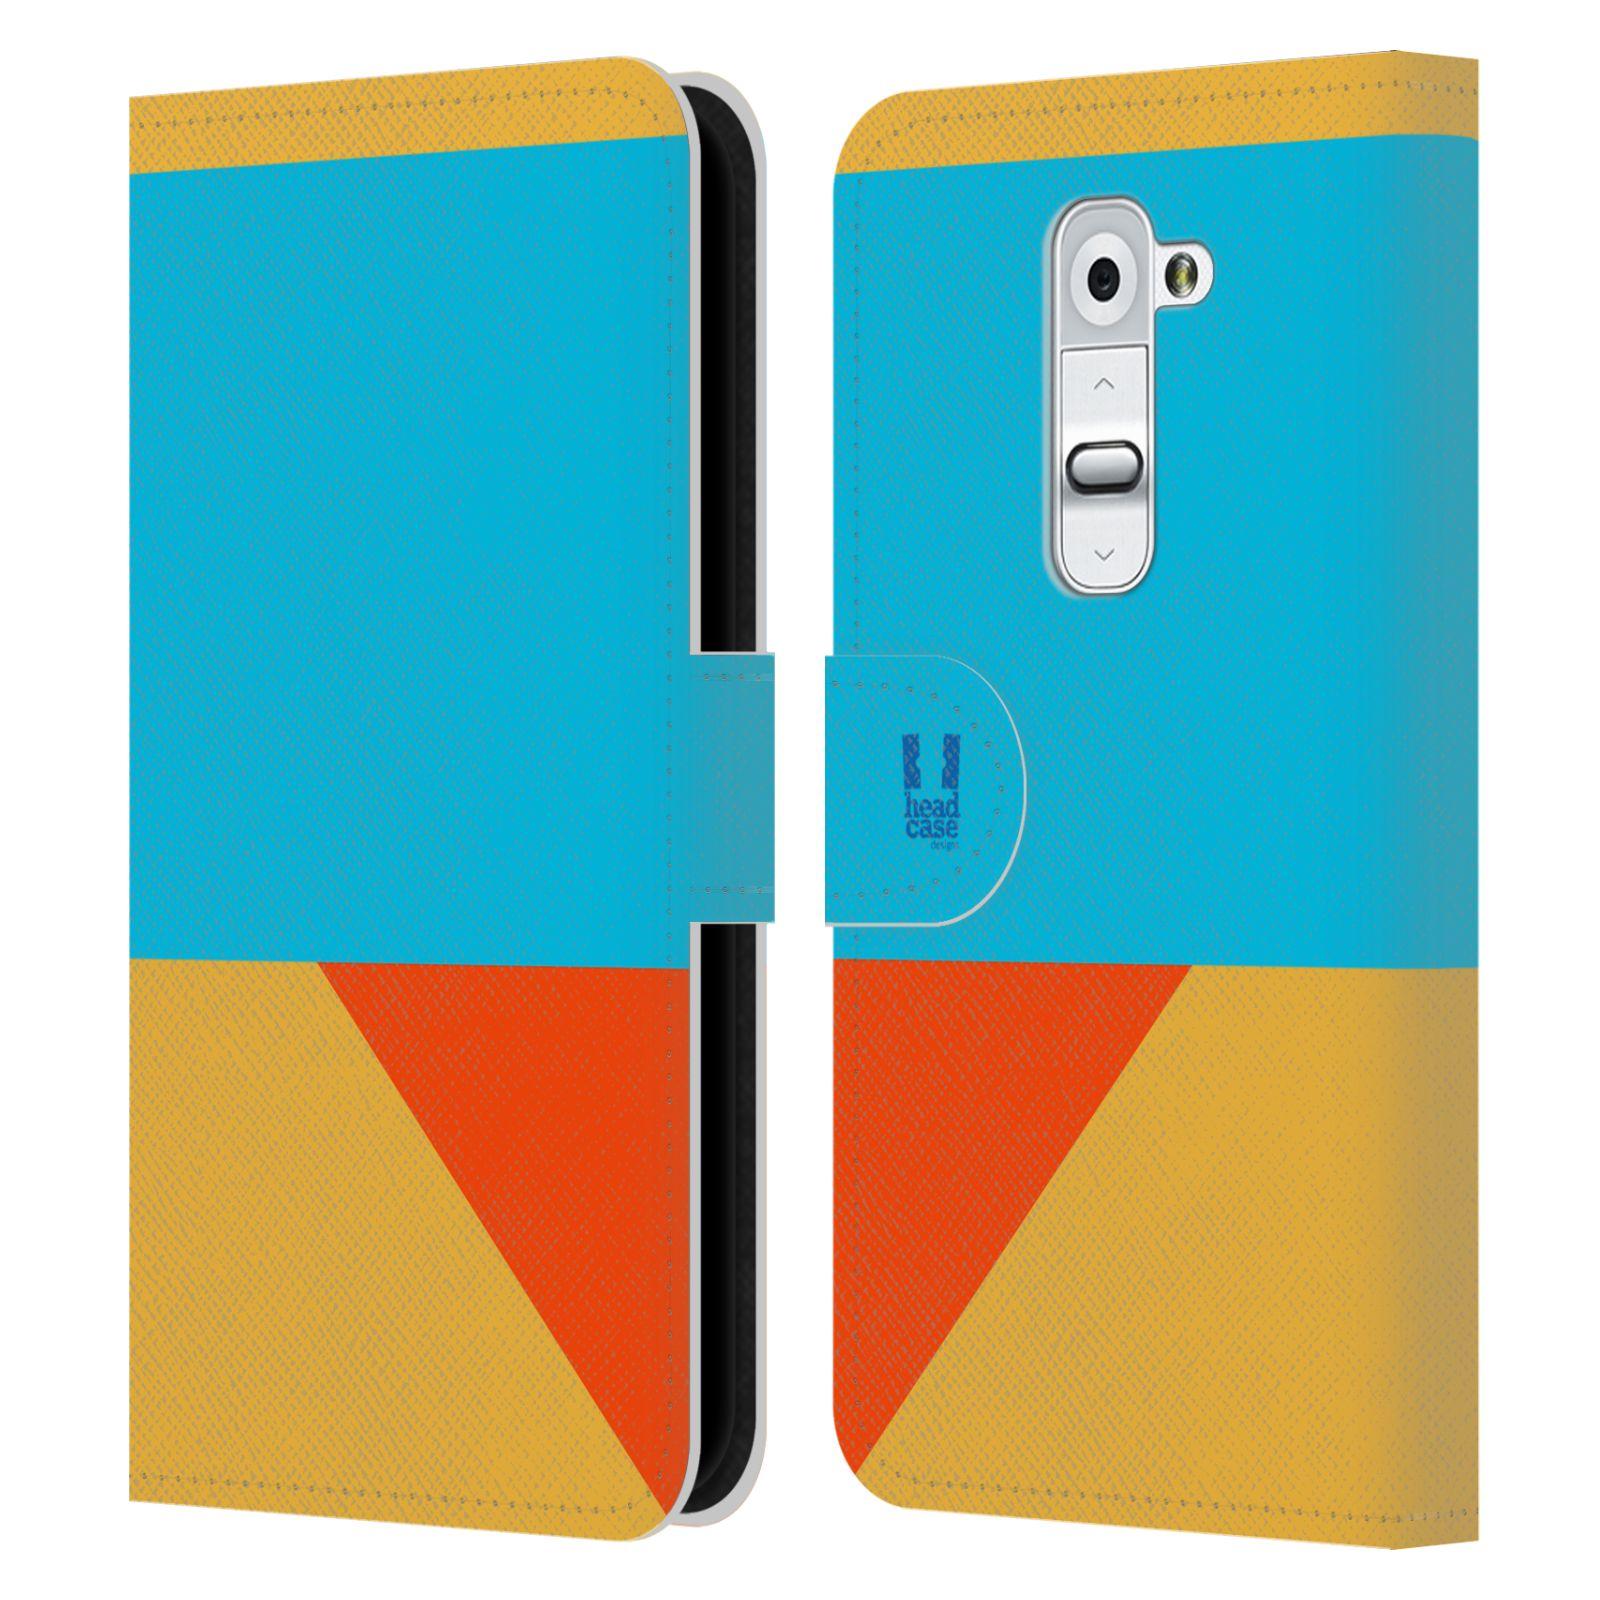 HEAD CASE Flipové pouzdro pro mobil LG G2 barevné tvary béžová a modrá DAY WEAR